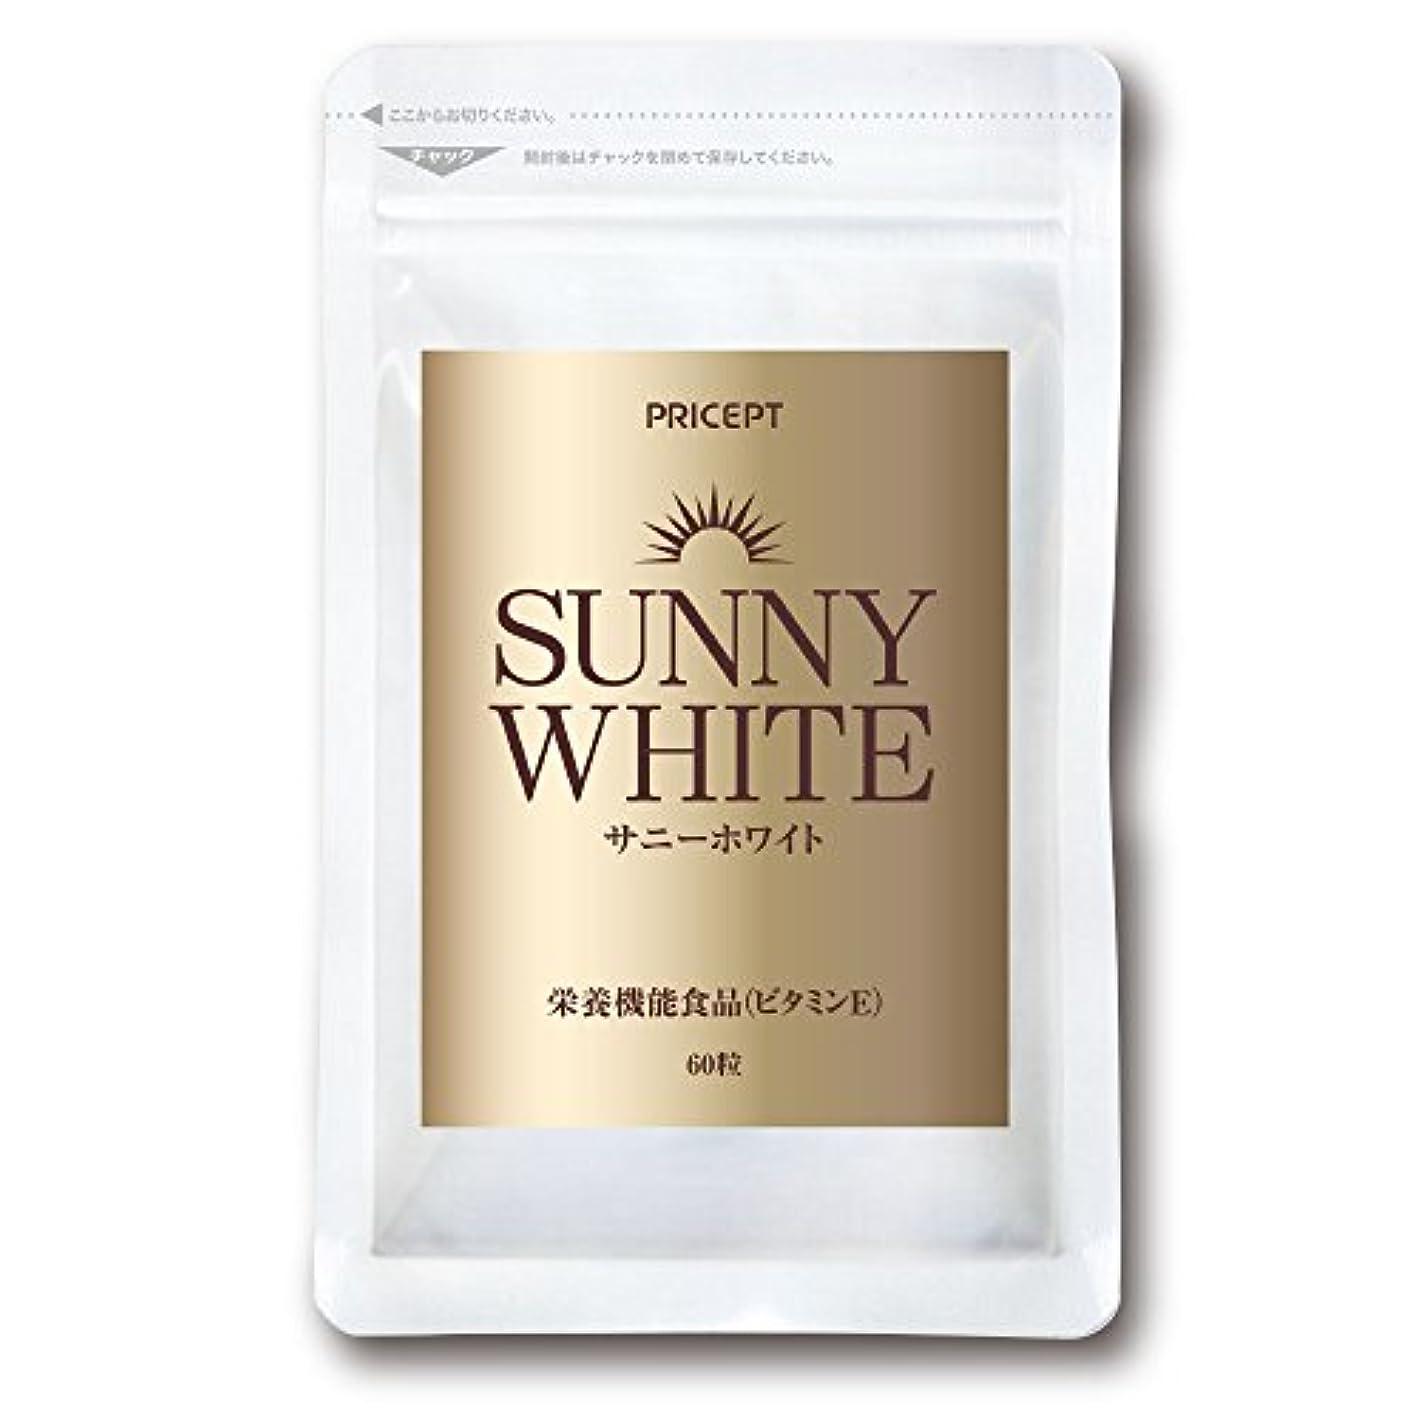 モートトレース適合【在庫過多のため訳あり】プリセプト サニーホワイト(60粒)栄養機能食品(ビタミンE) ニュートロックスサン 日傘サプリ 日焼け UV 日差し (単品)【賞味期限:2020年4月3日】